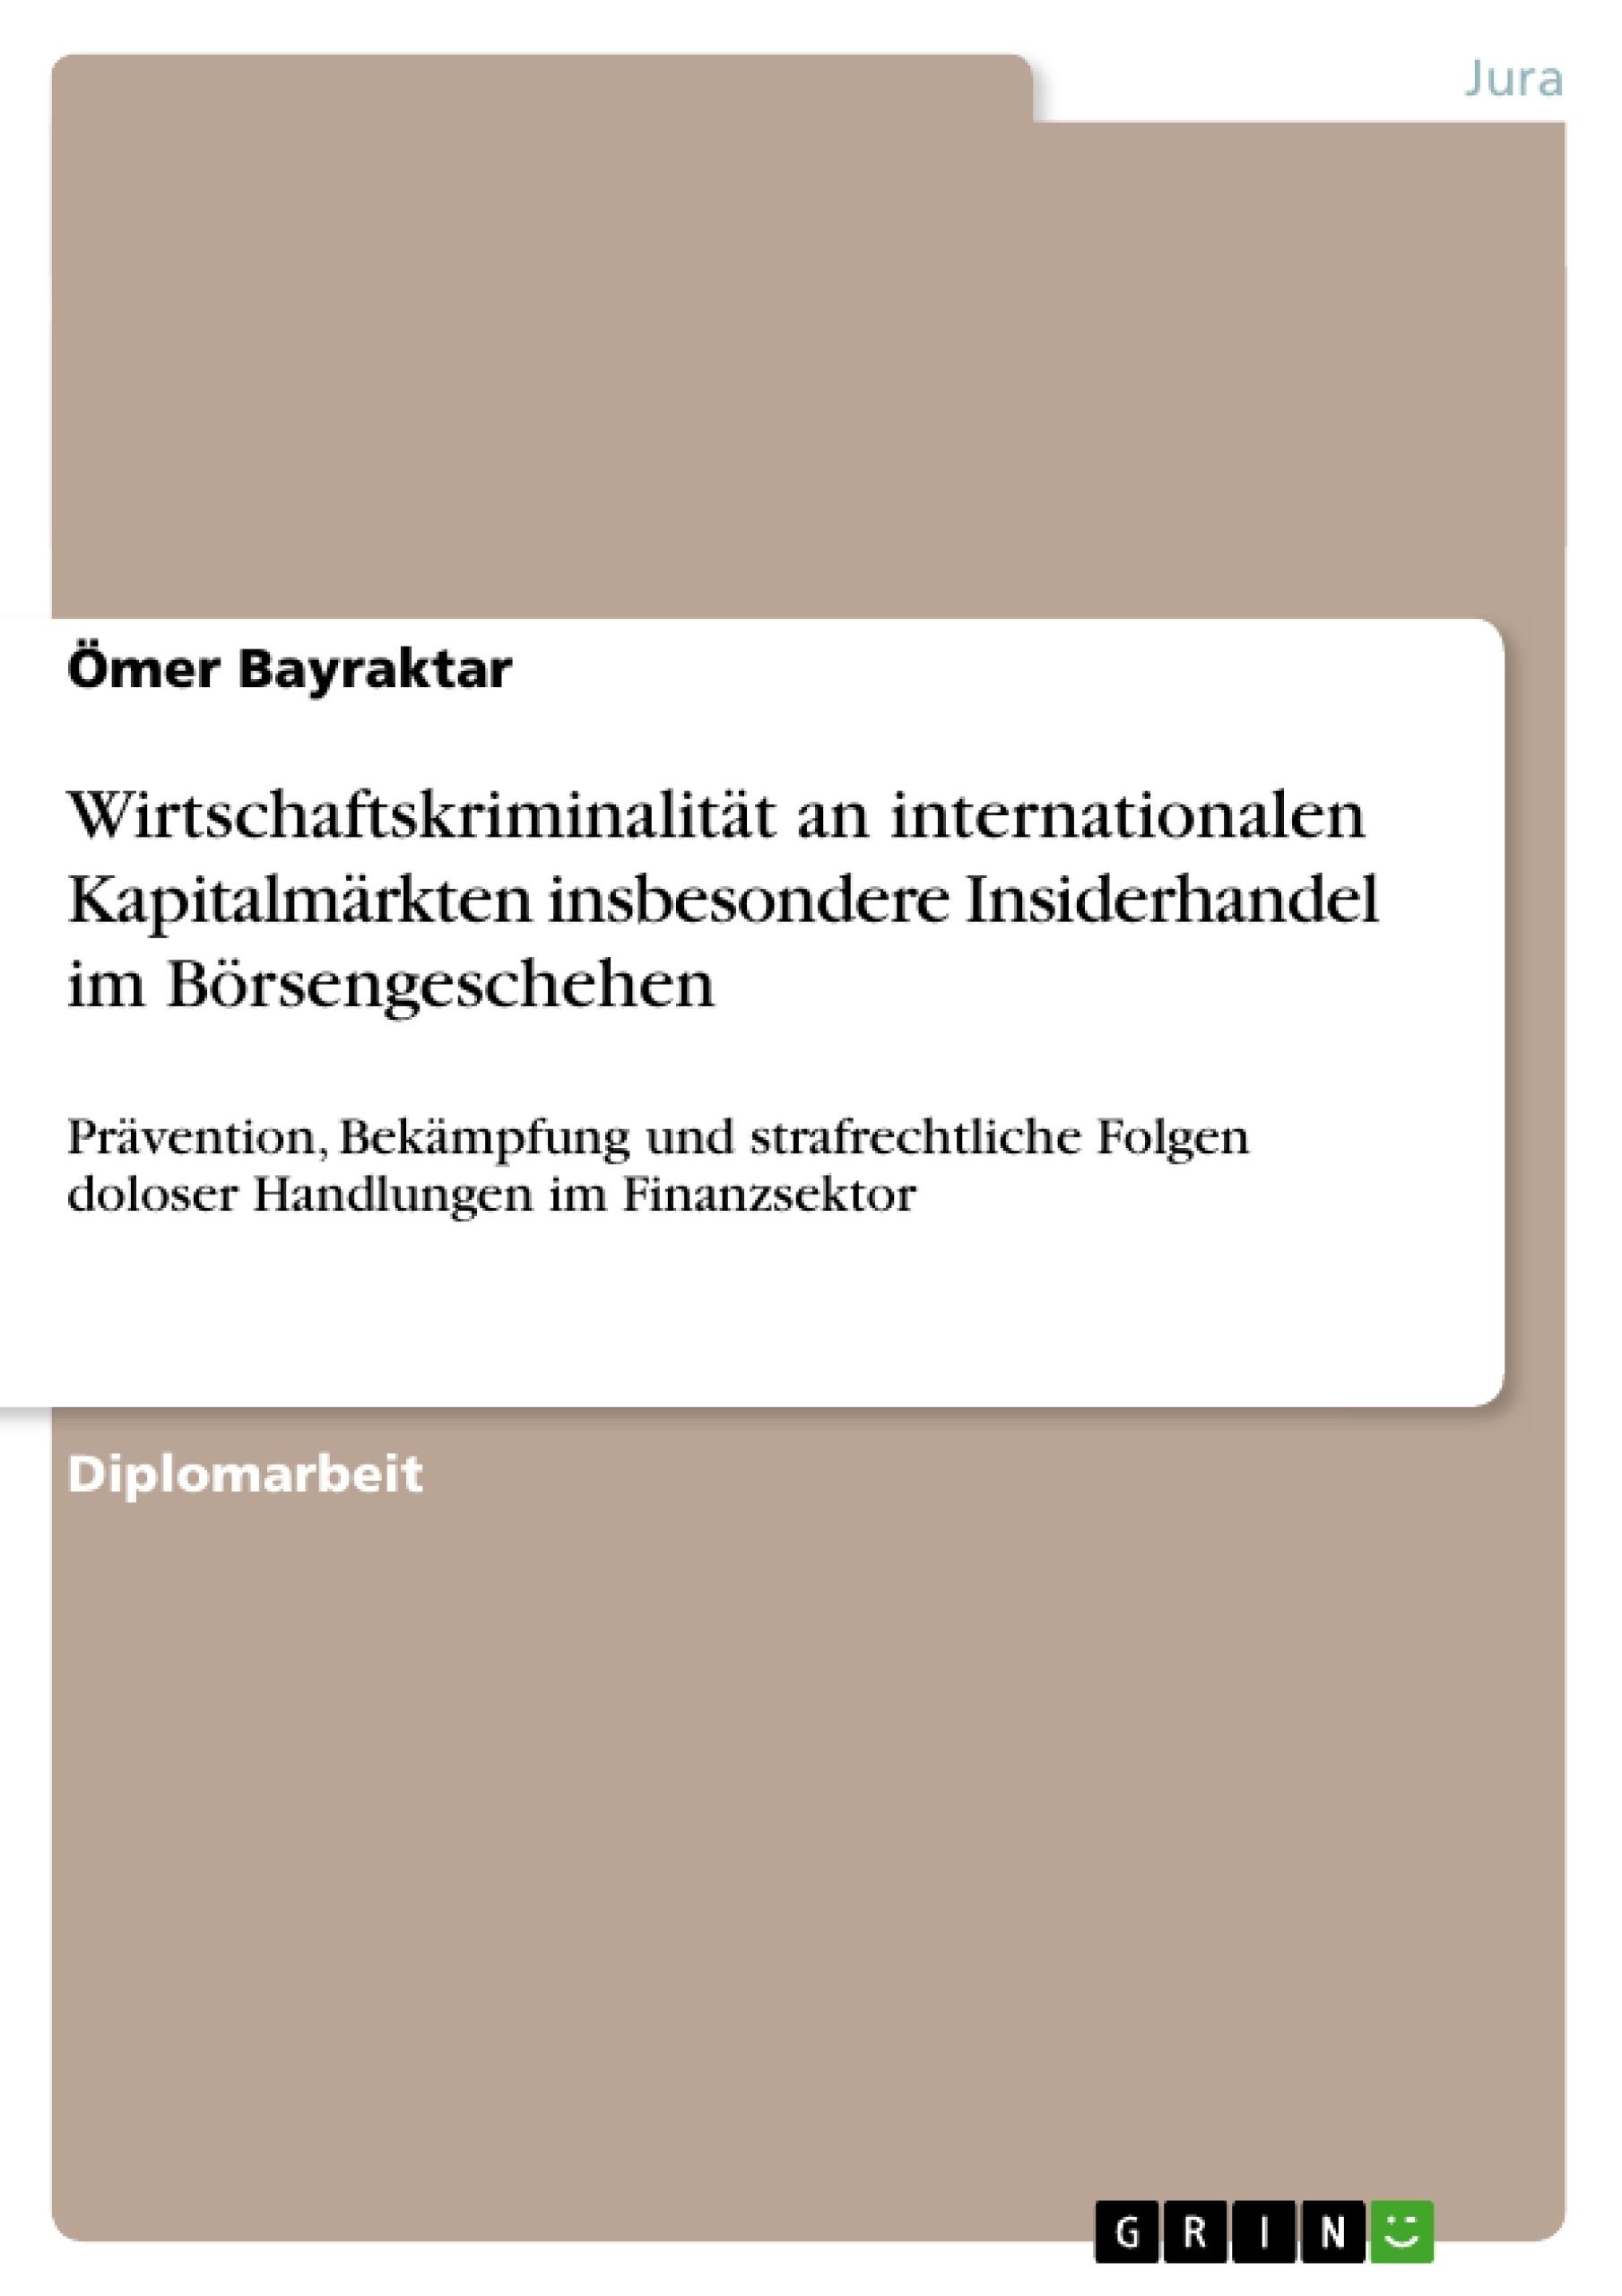 Titel: Wirtschaftskriminalität an internationalen Kapitalmärkten insbesondere Insiderhandel im Börsengeschehen